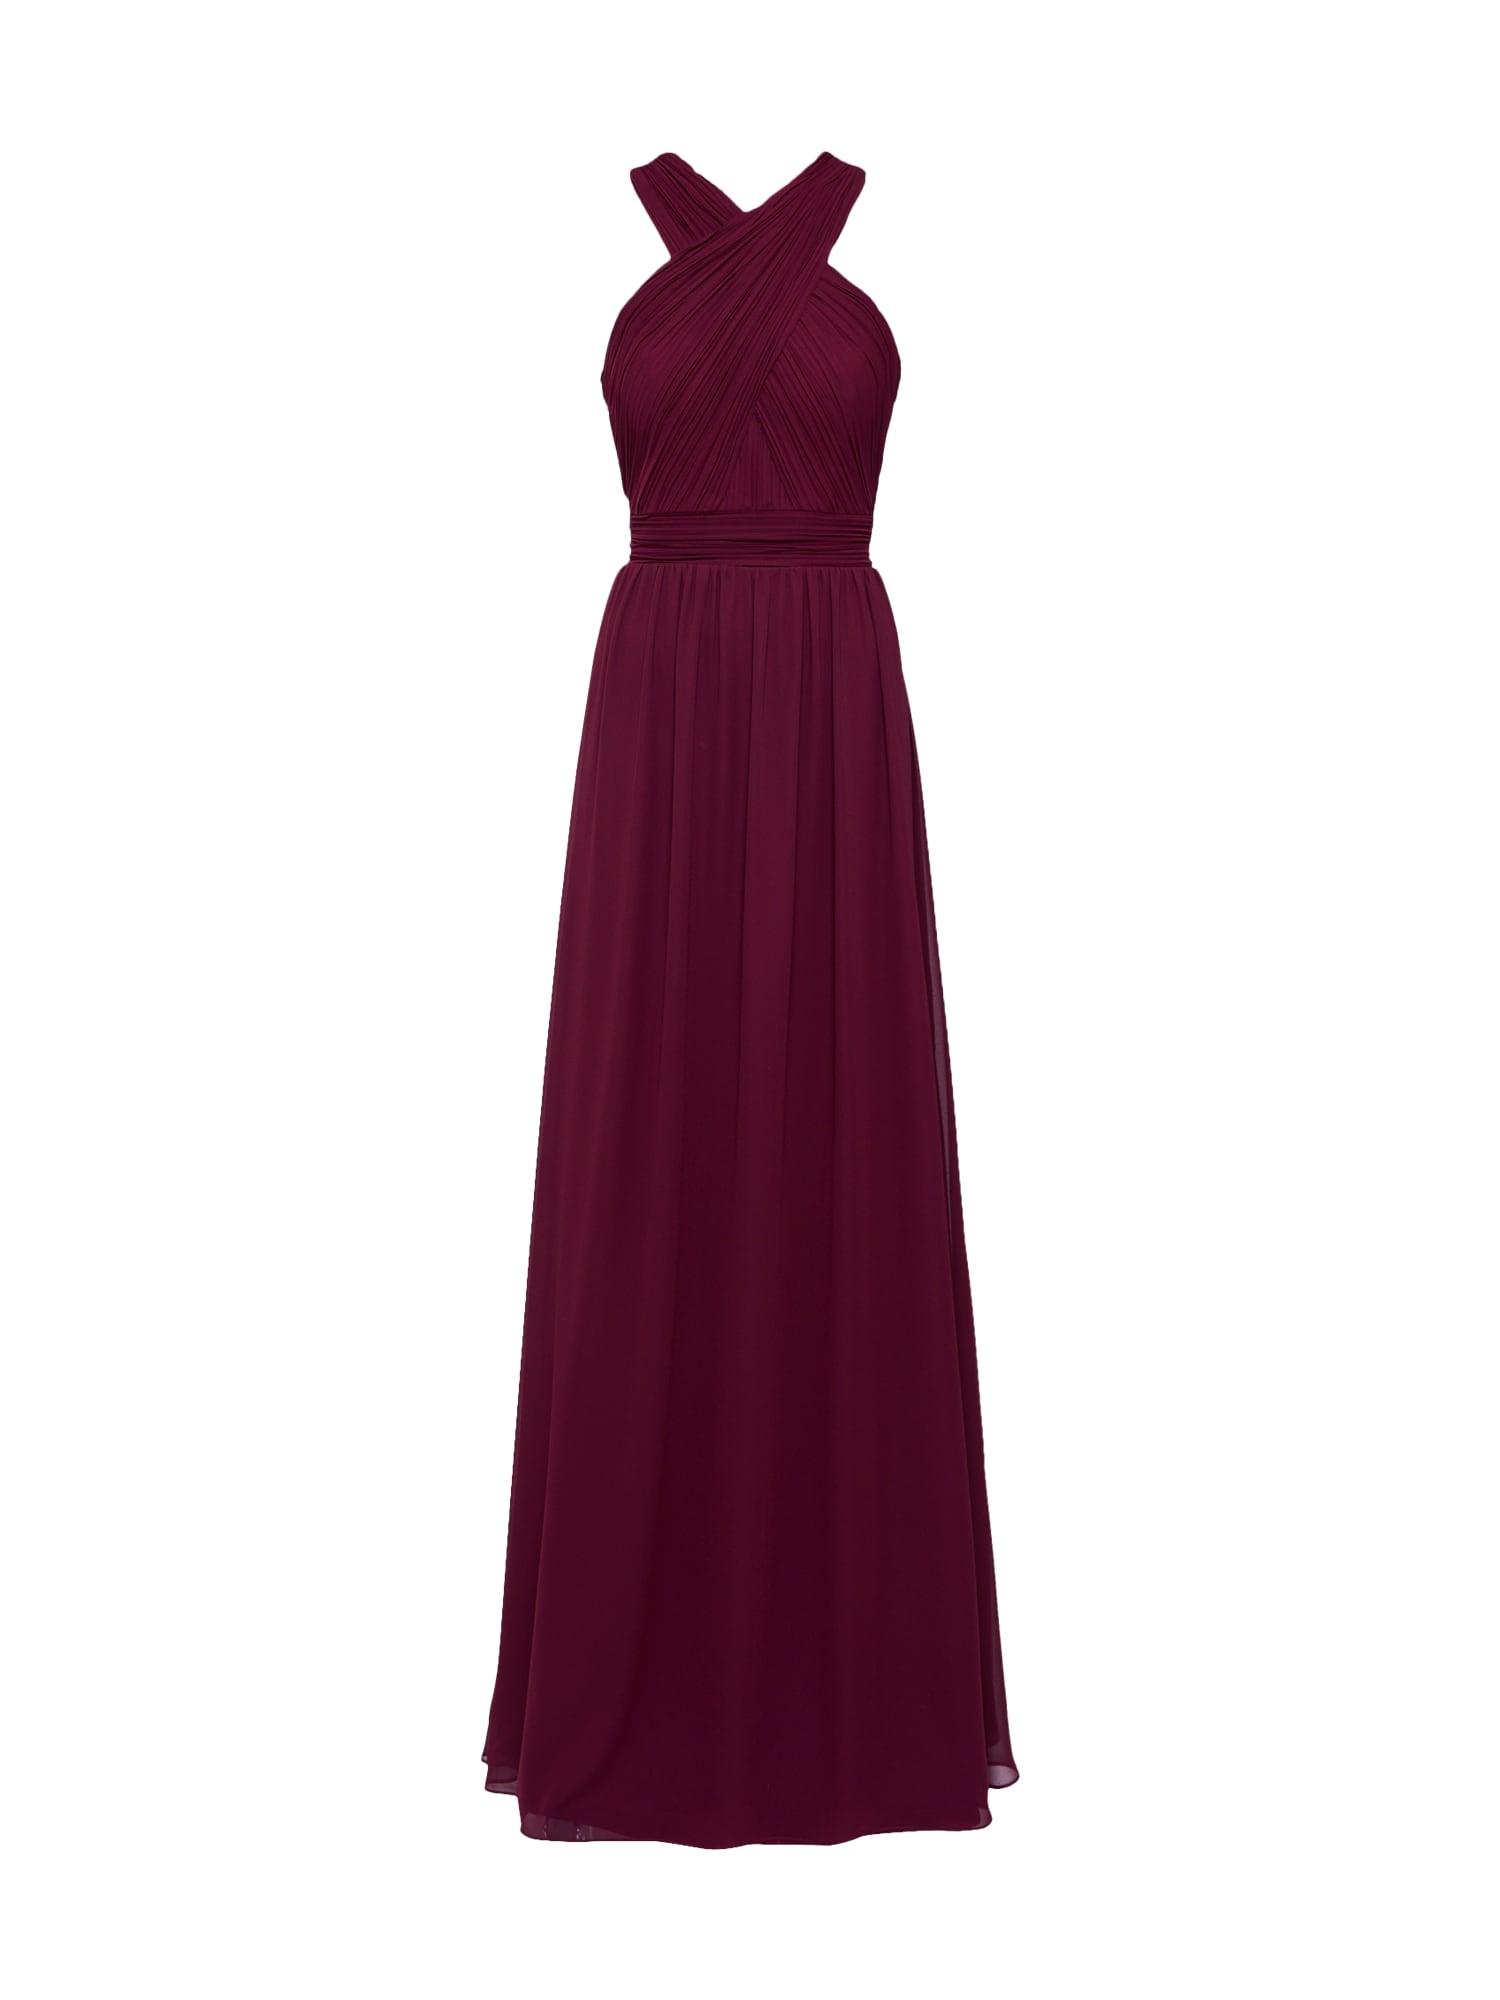 STAR NIGHT Vakarinė suknelė vyno raudona spalva